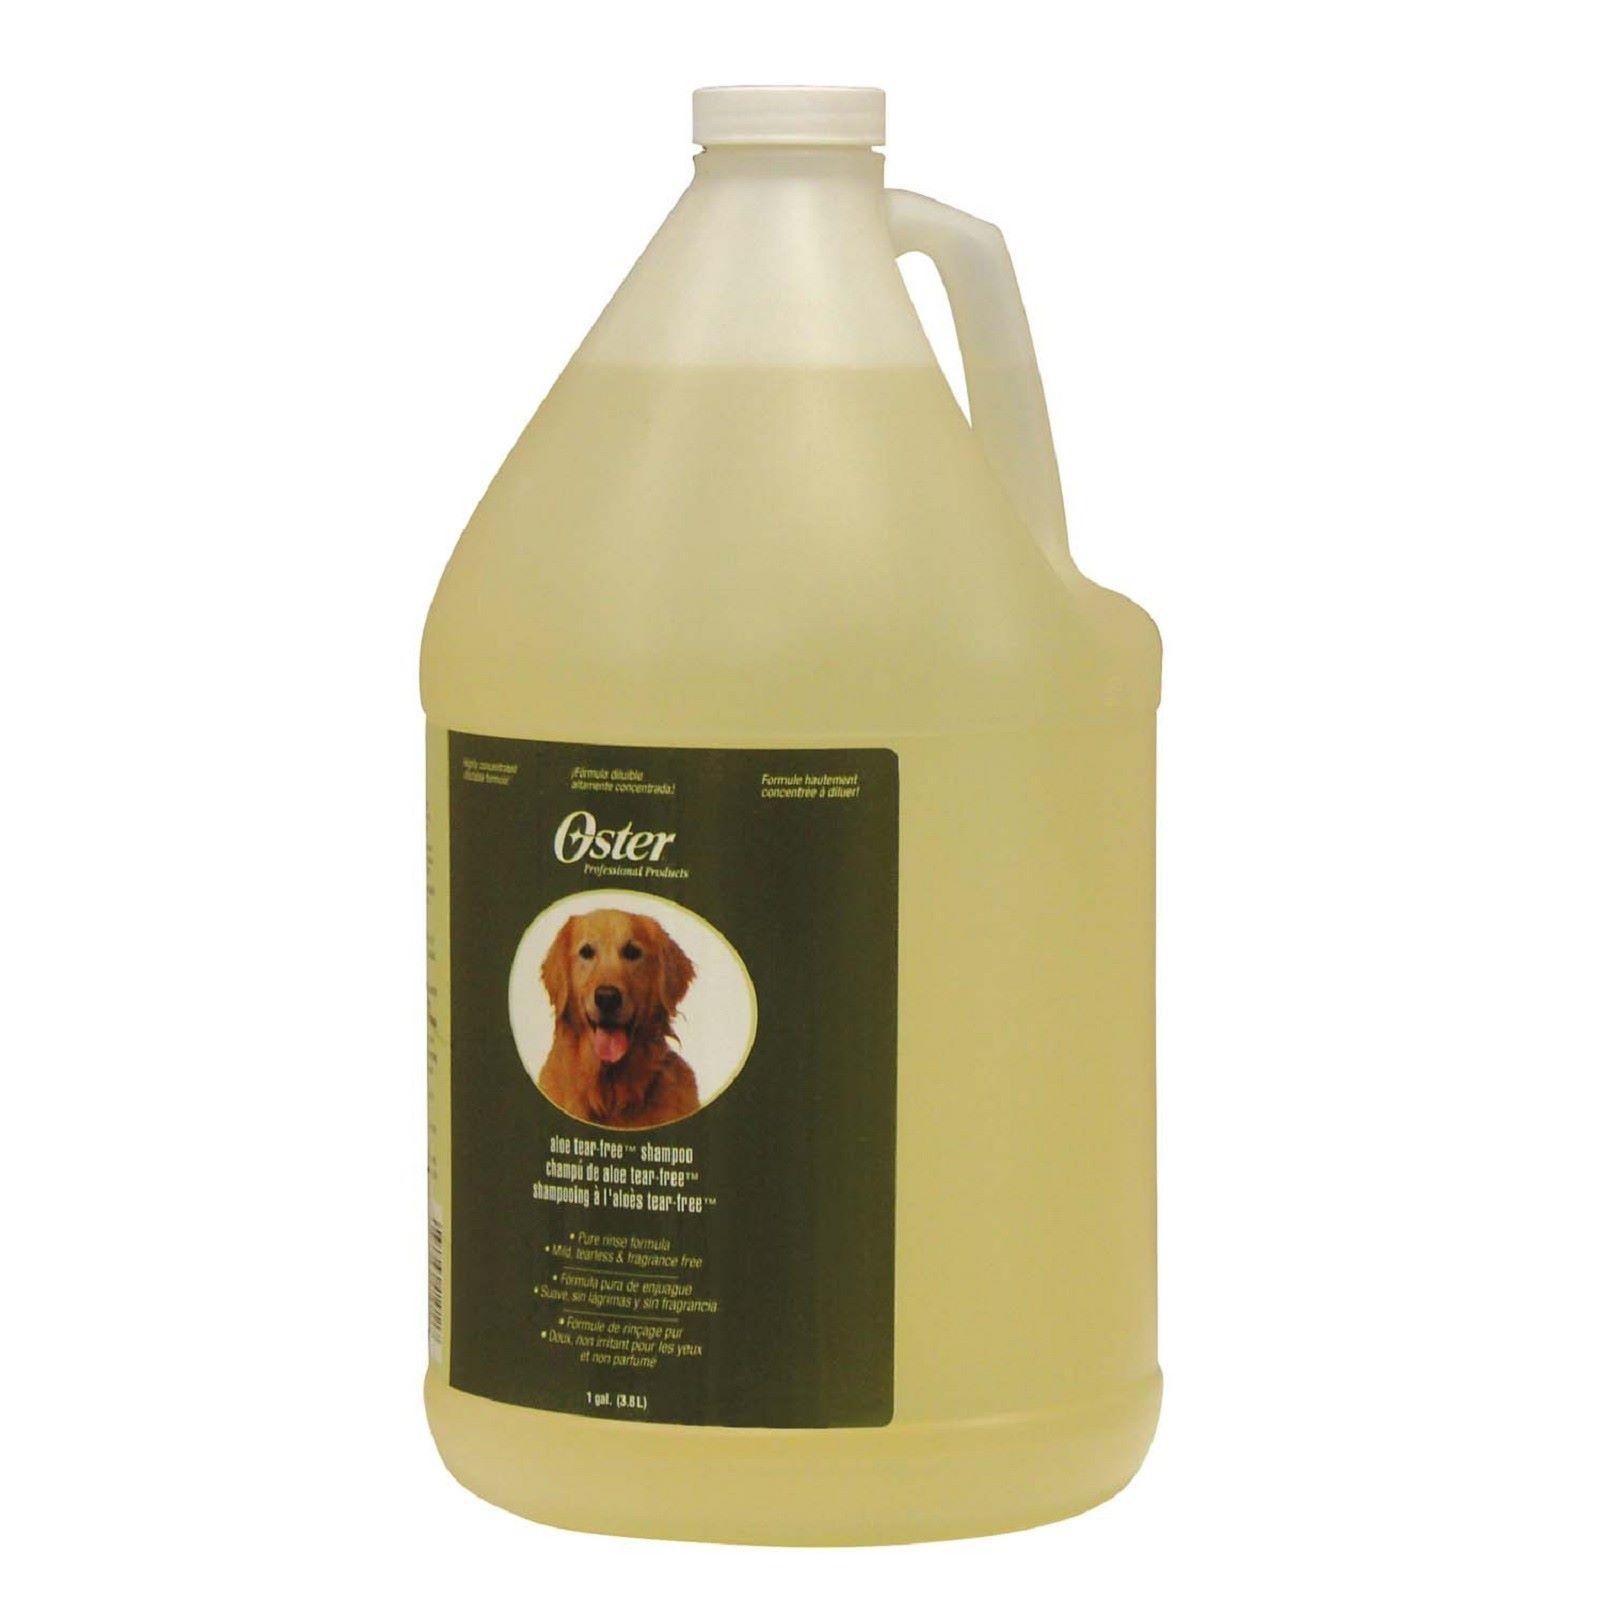 Шампунь для собак Oster Алое-вера без слез для чувствительной кожи, 3,8 мл, Алое-вера